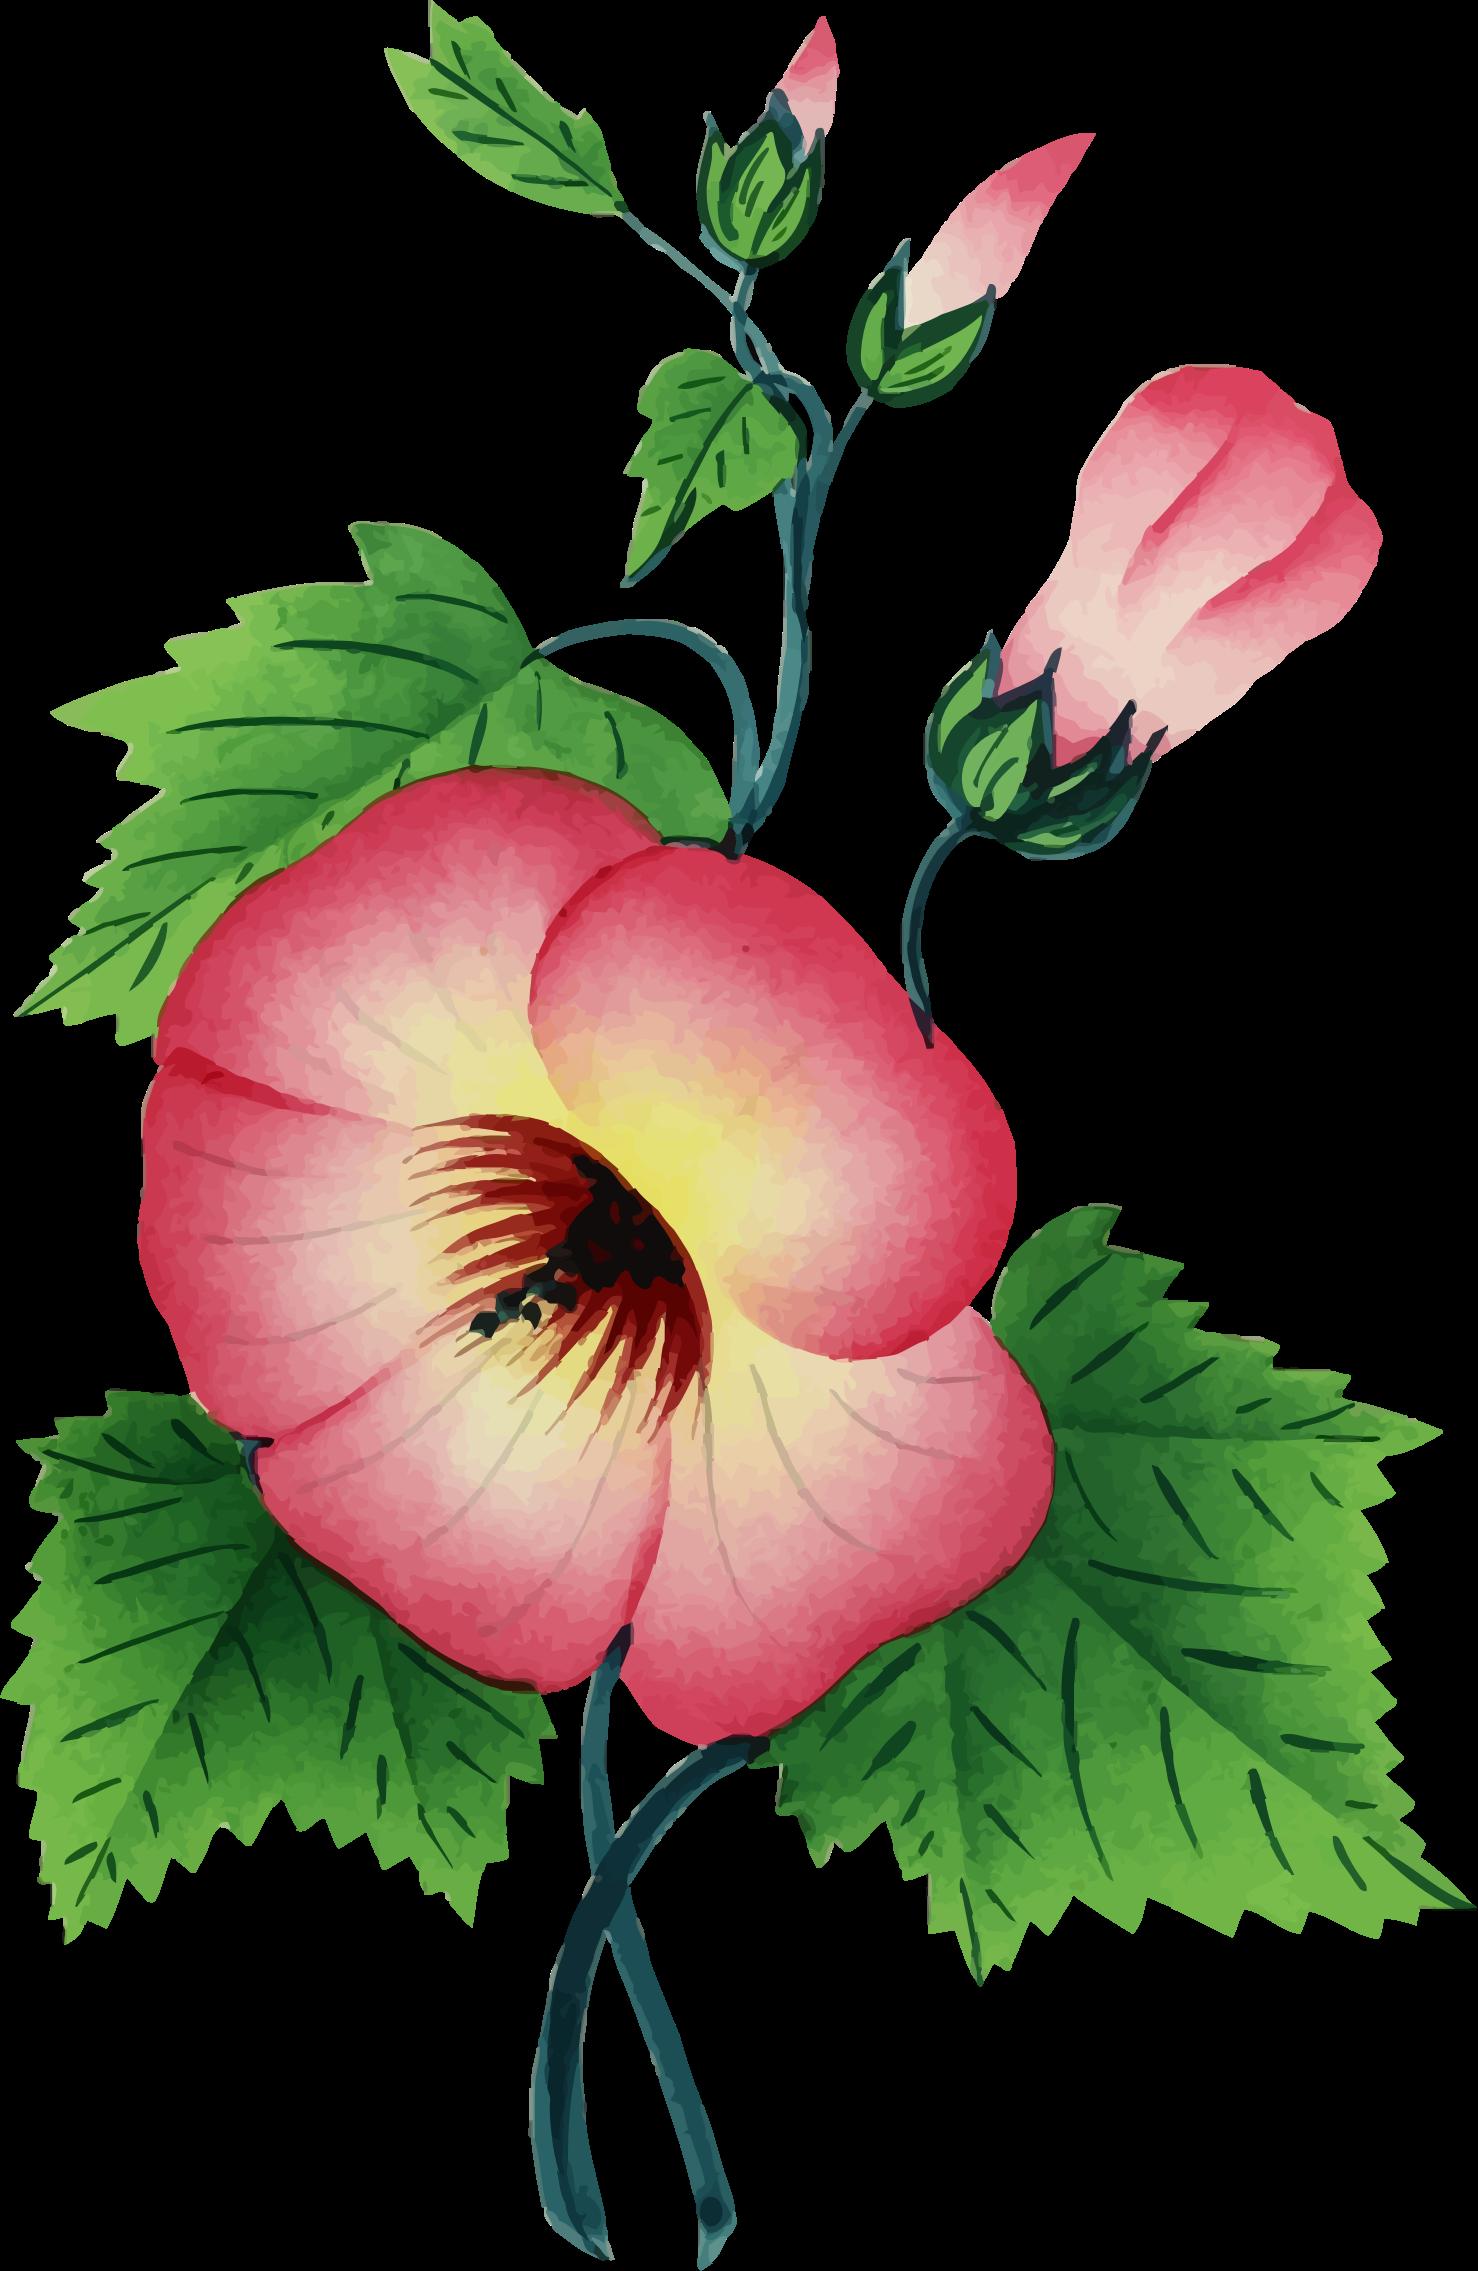 Flower plant clipart picture transparent download Clipart - Flower Illustration 3 picture transparent download